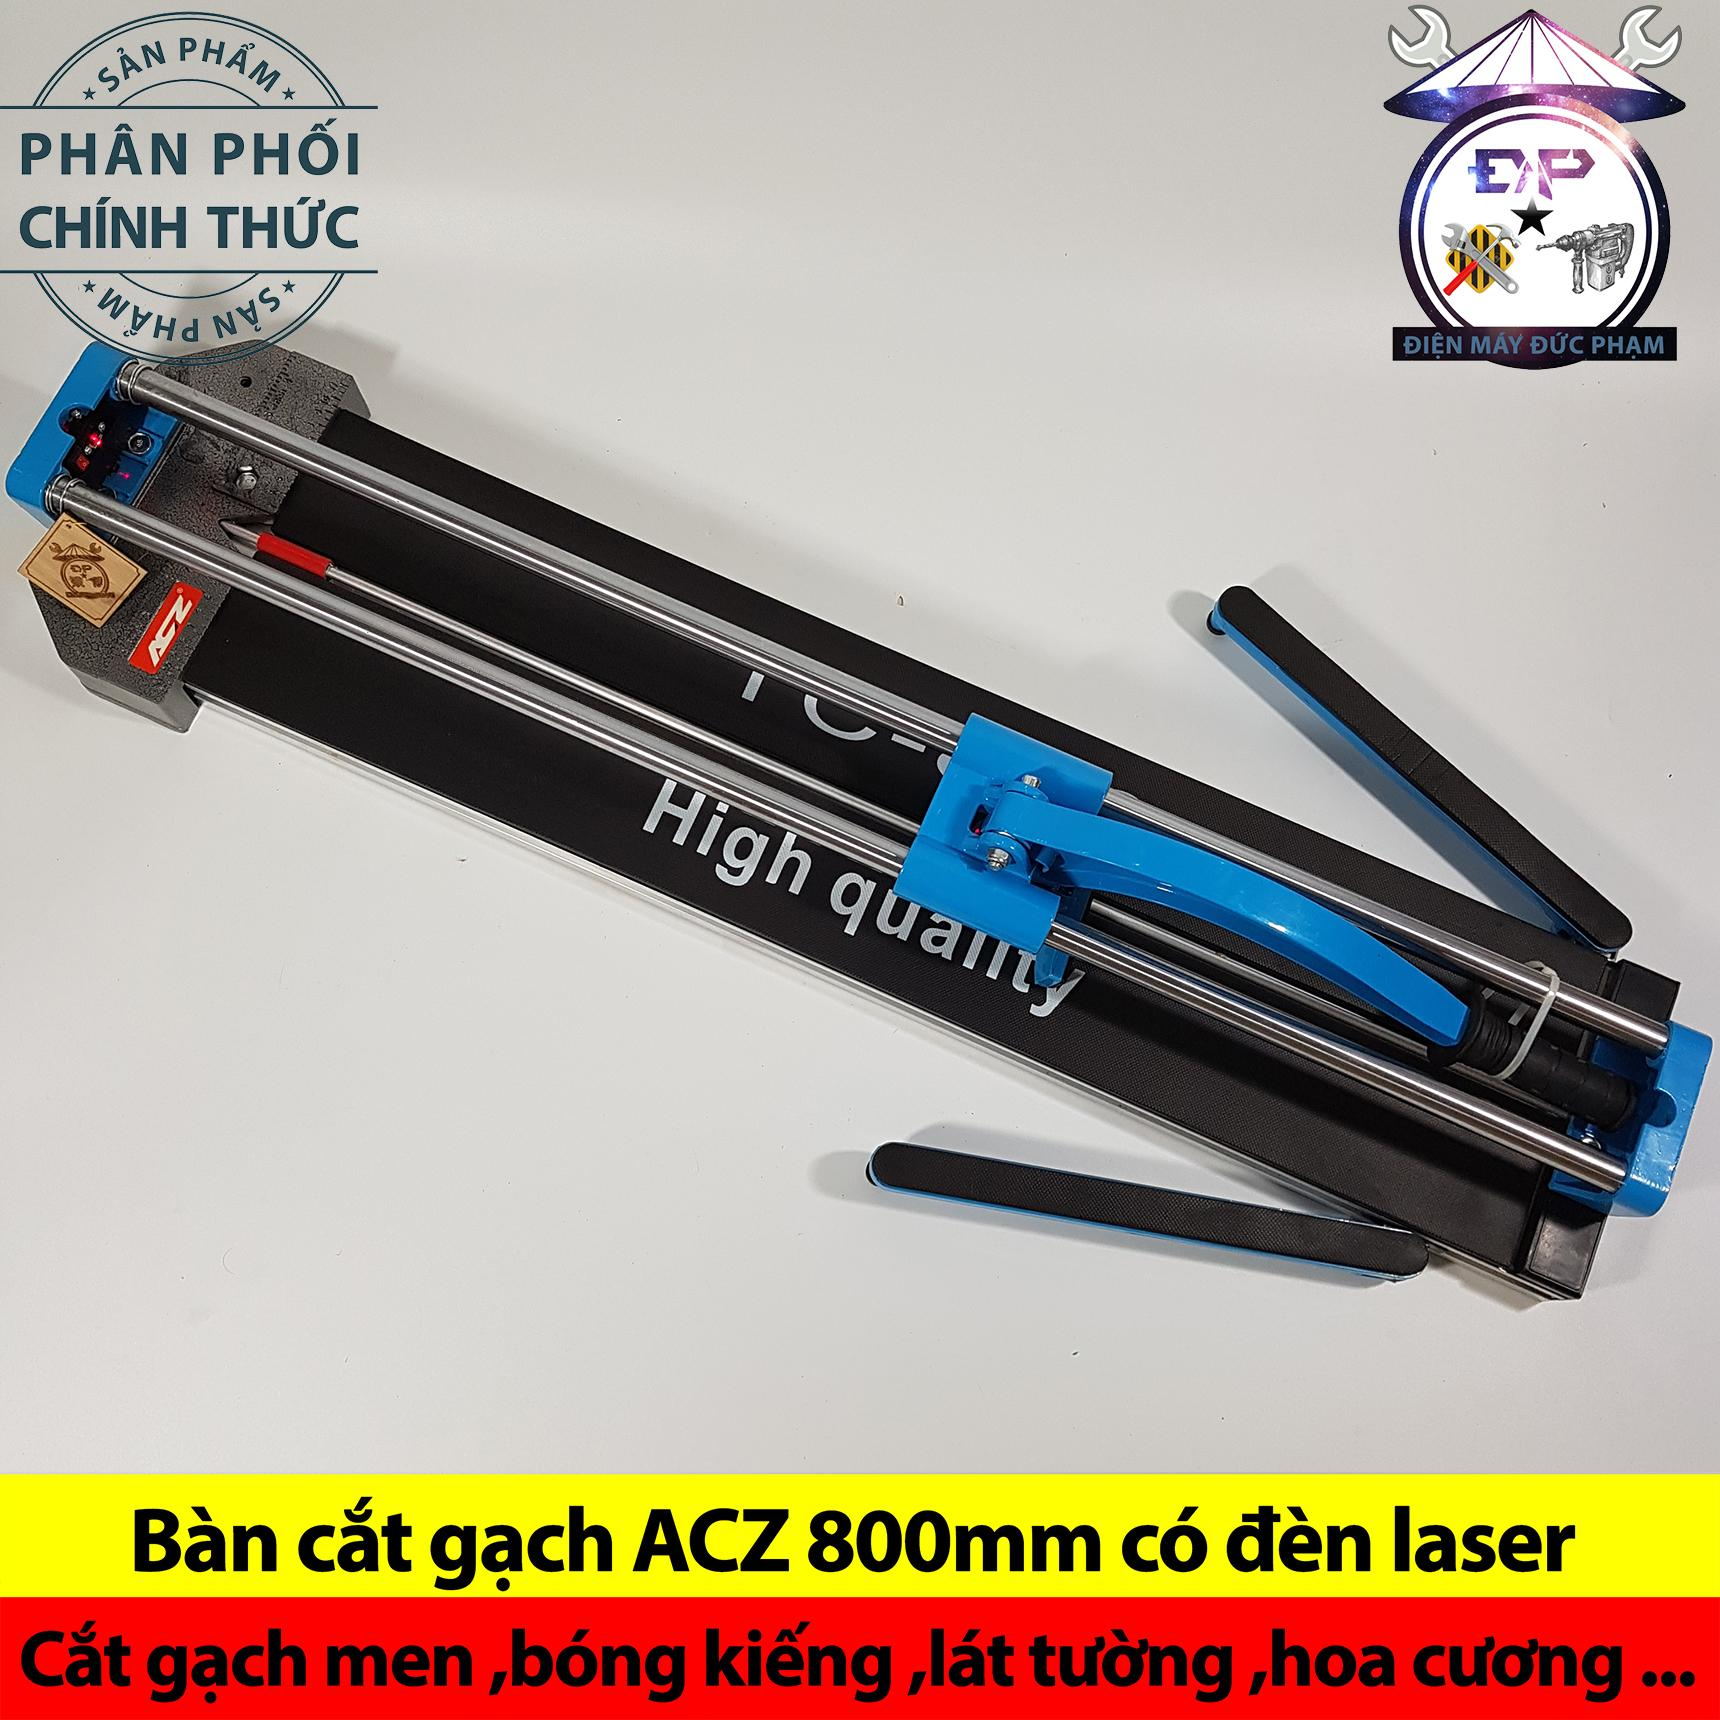 Bàn cắt gạch ACZ có đèn laser 8T (800mm)